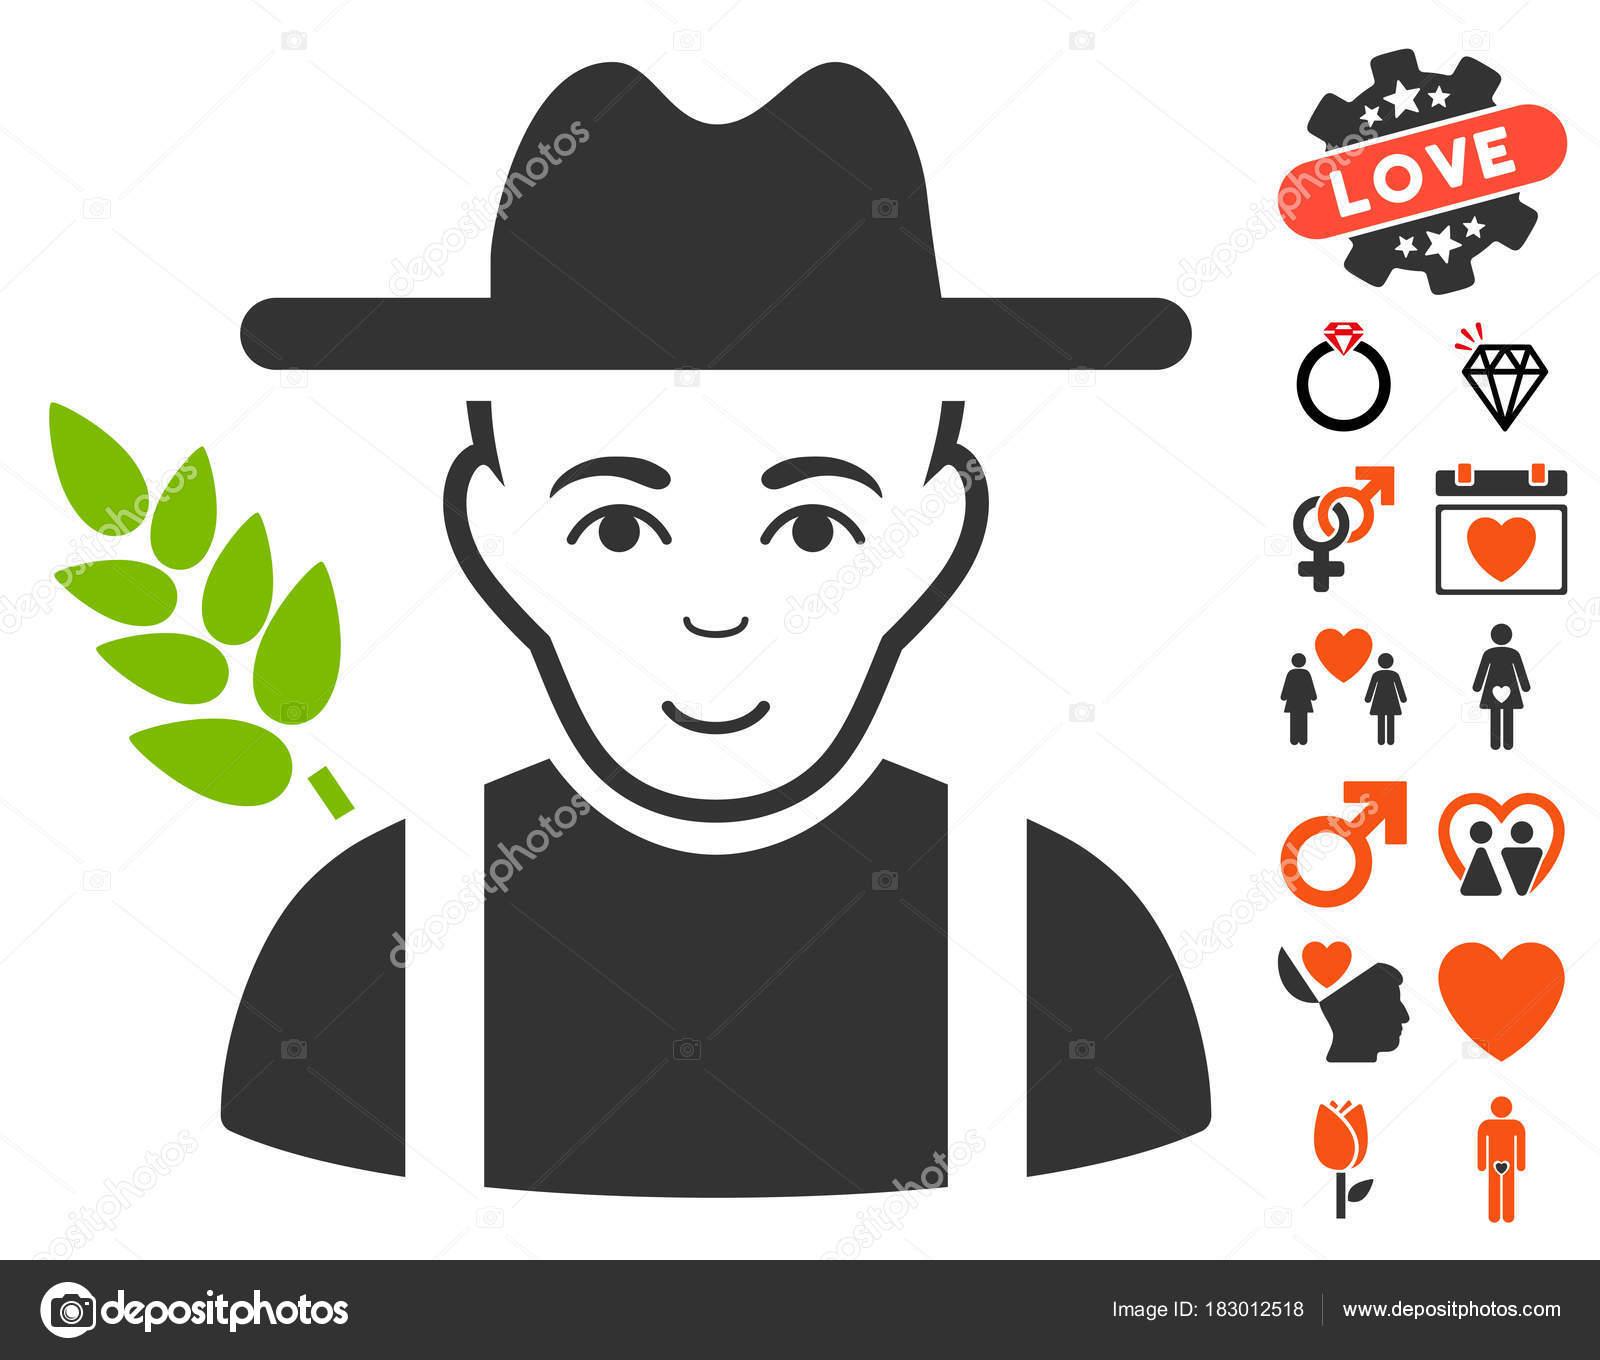 online farmer társkereső oldalidősebb srác randevú fiatalabb srác